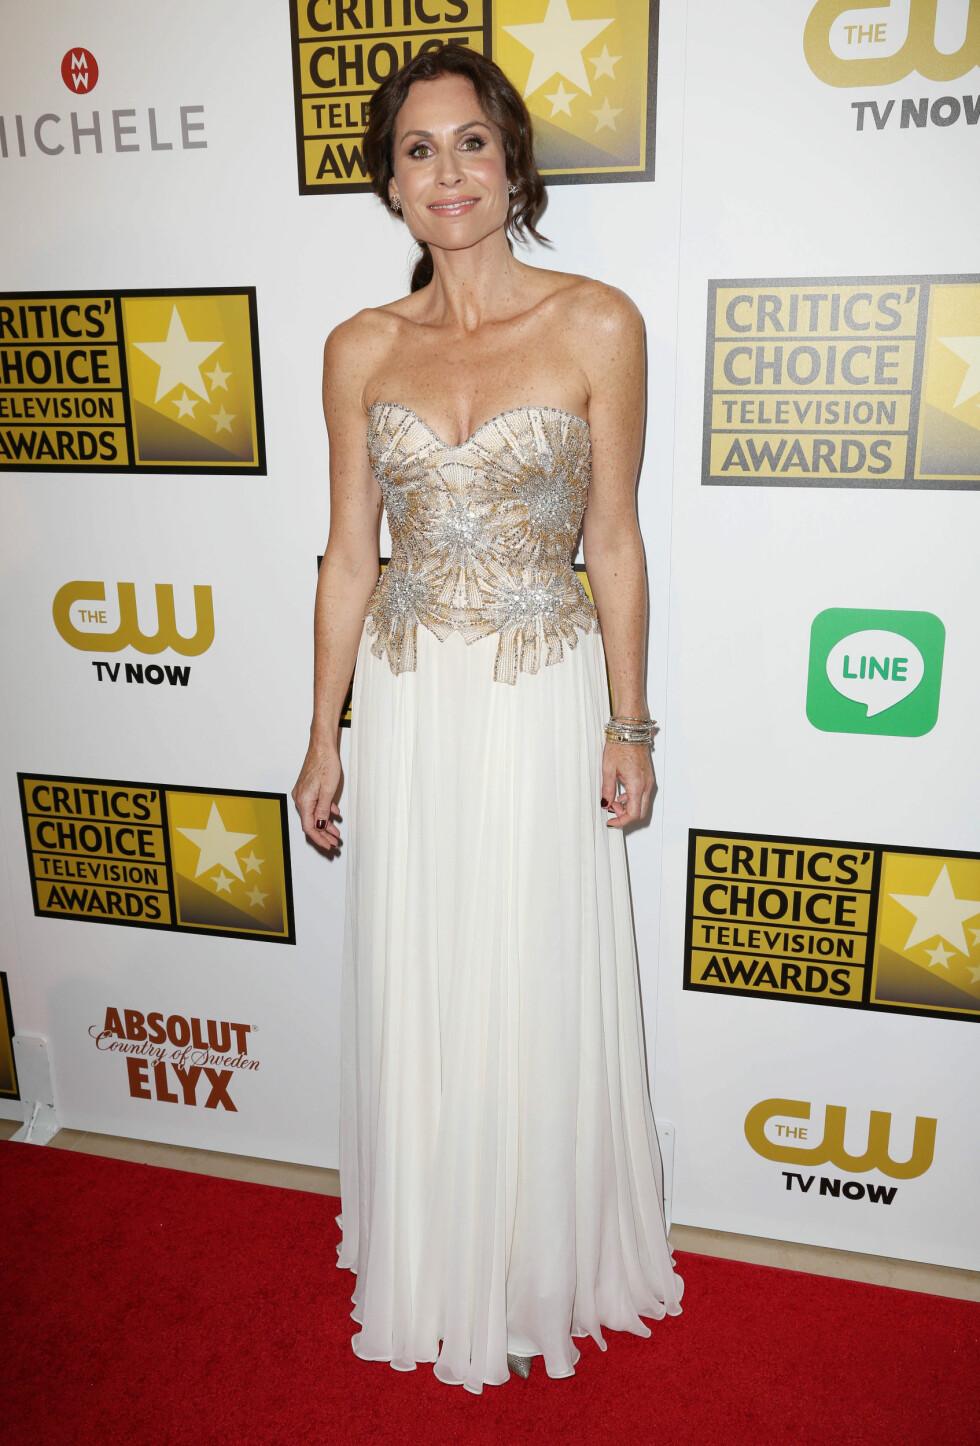 Skuespilleren kom i en kjole med florlett skjørt og en krystall-dekorert topp.  Foto: REX/Matt Baron/BEI/All Over Press